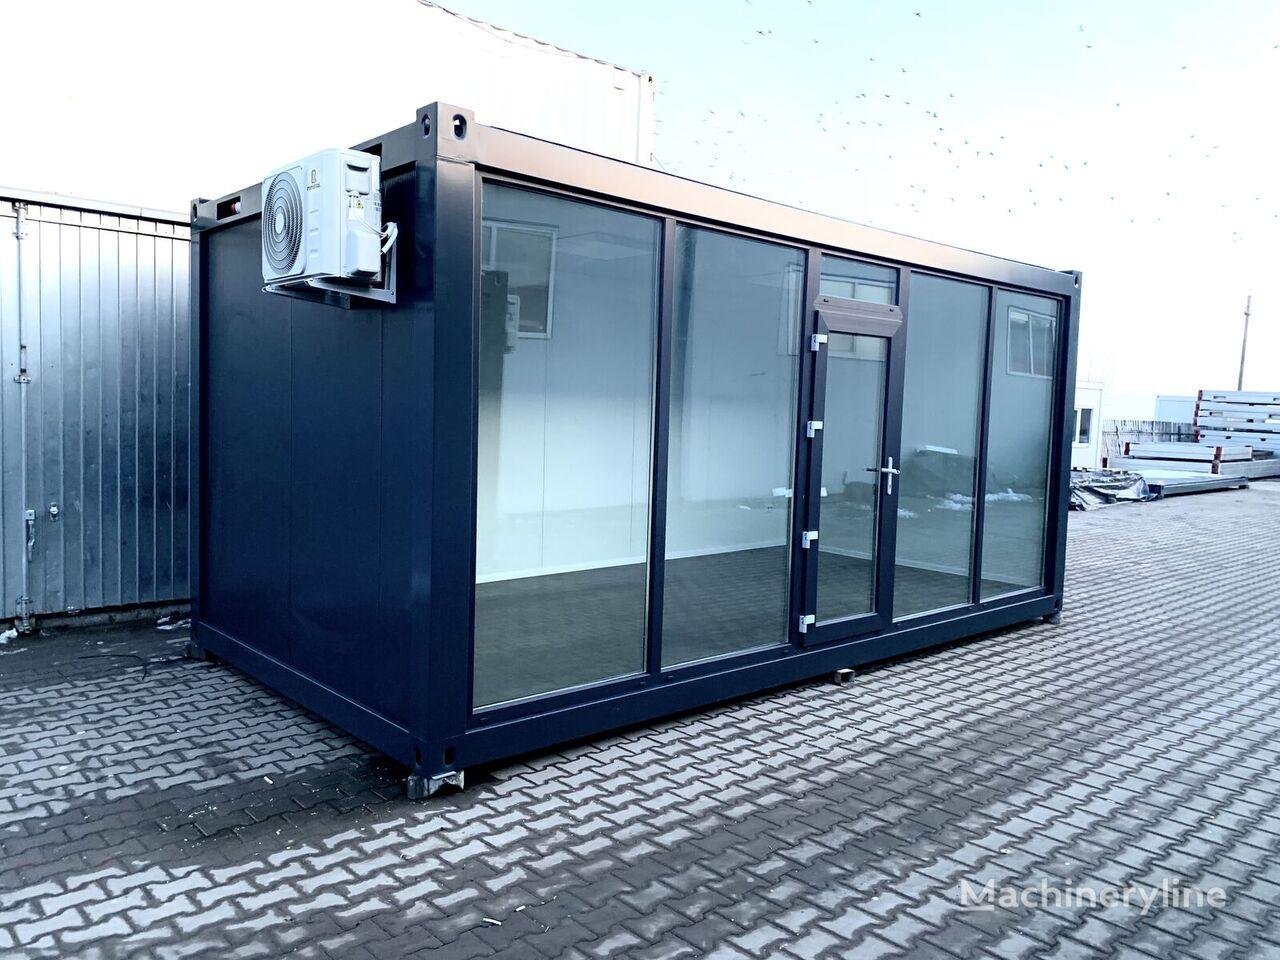 Demcar stambeno-poslovni kontejner